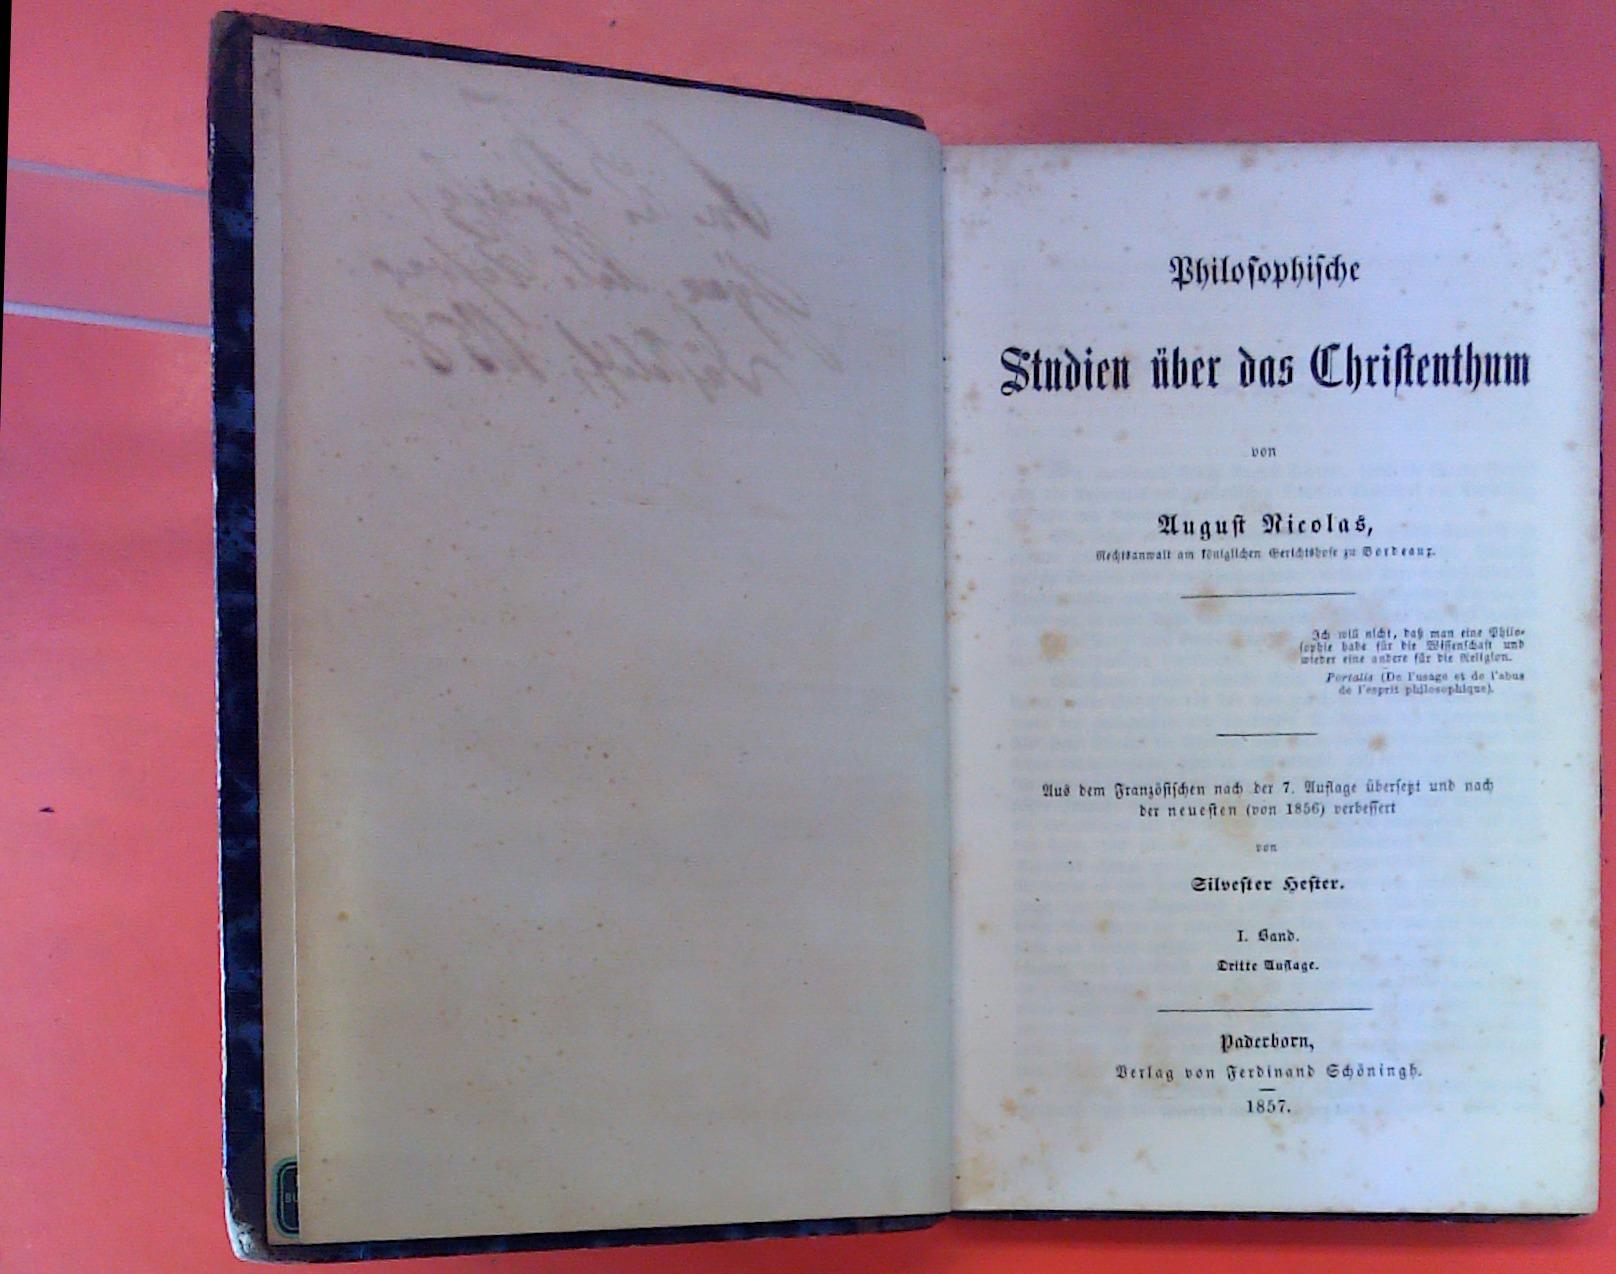 Philosophische Studien über das Christentum. I. BAND.: August Nicolas